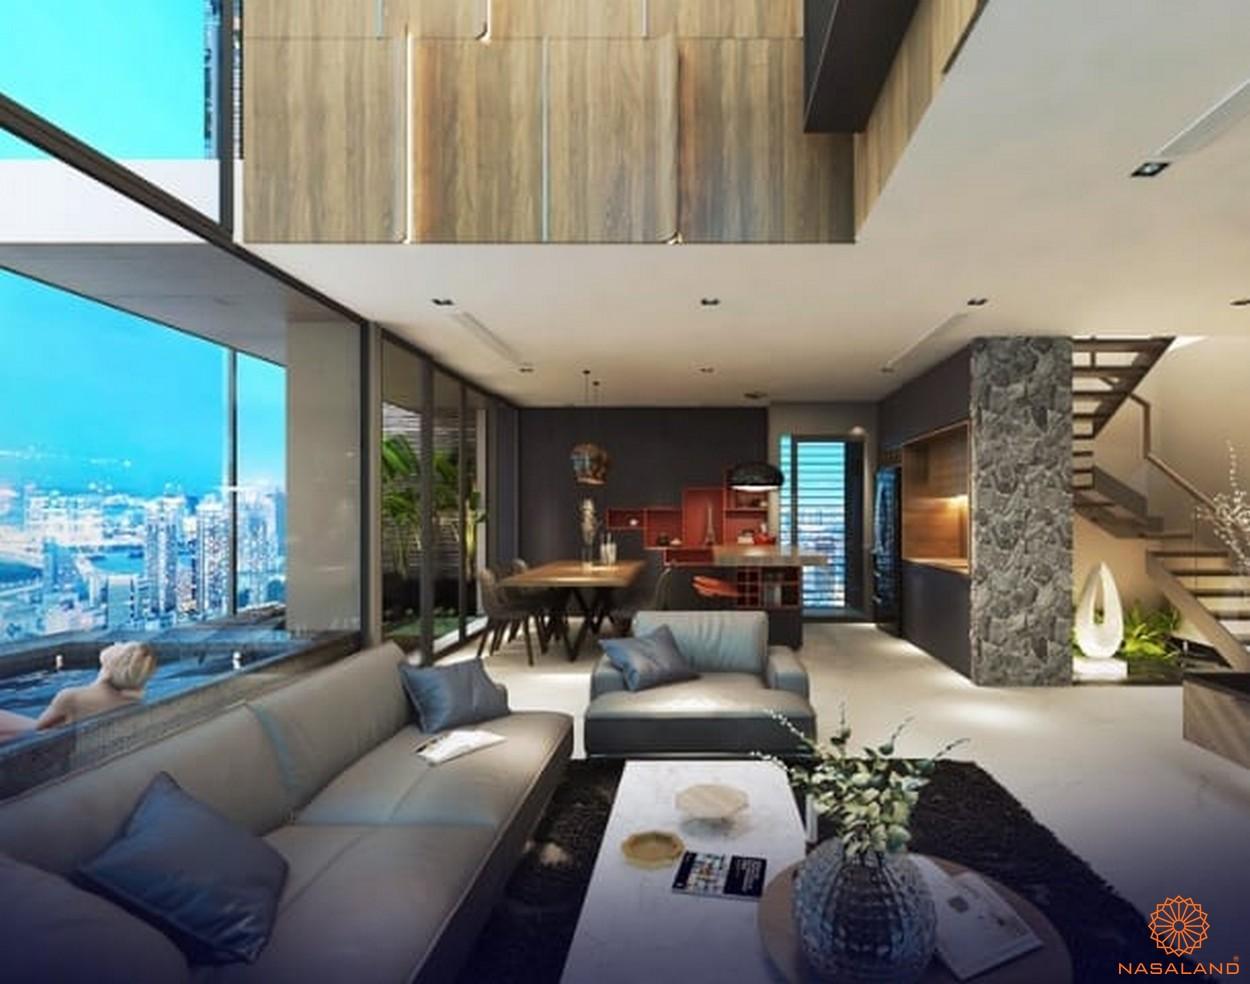 Hình ảnh nhà mẫu dự án một căn hộ nơi đây